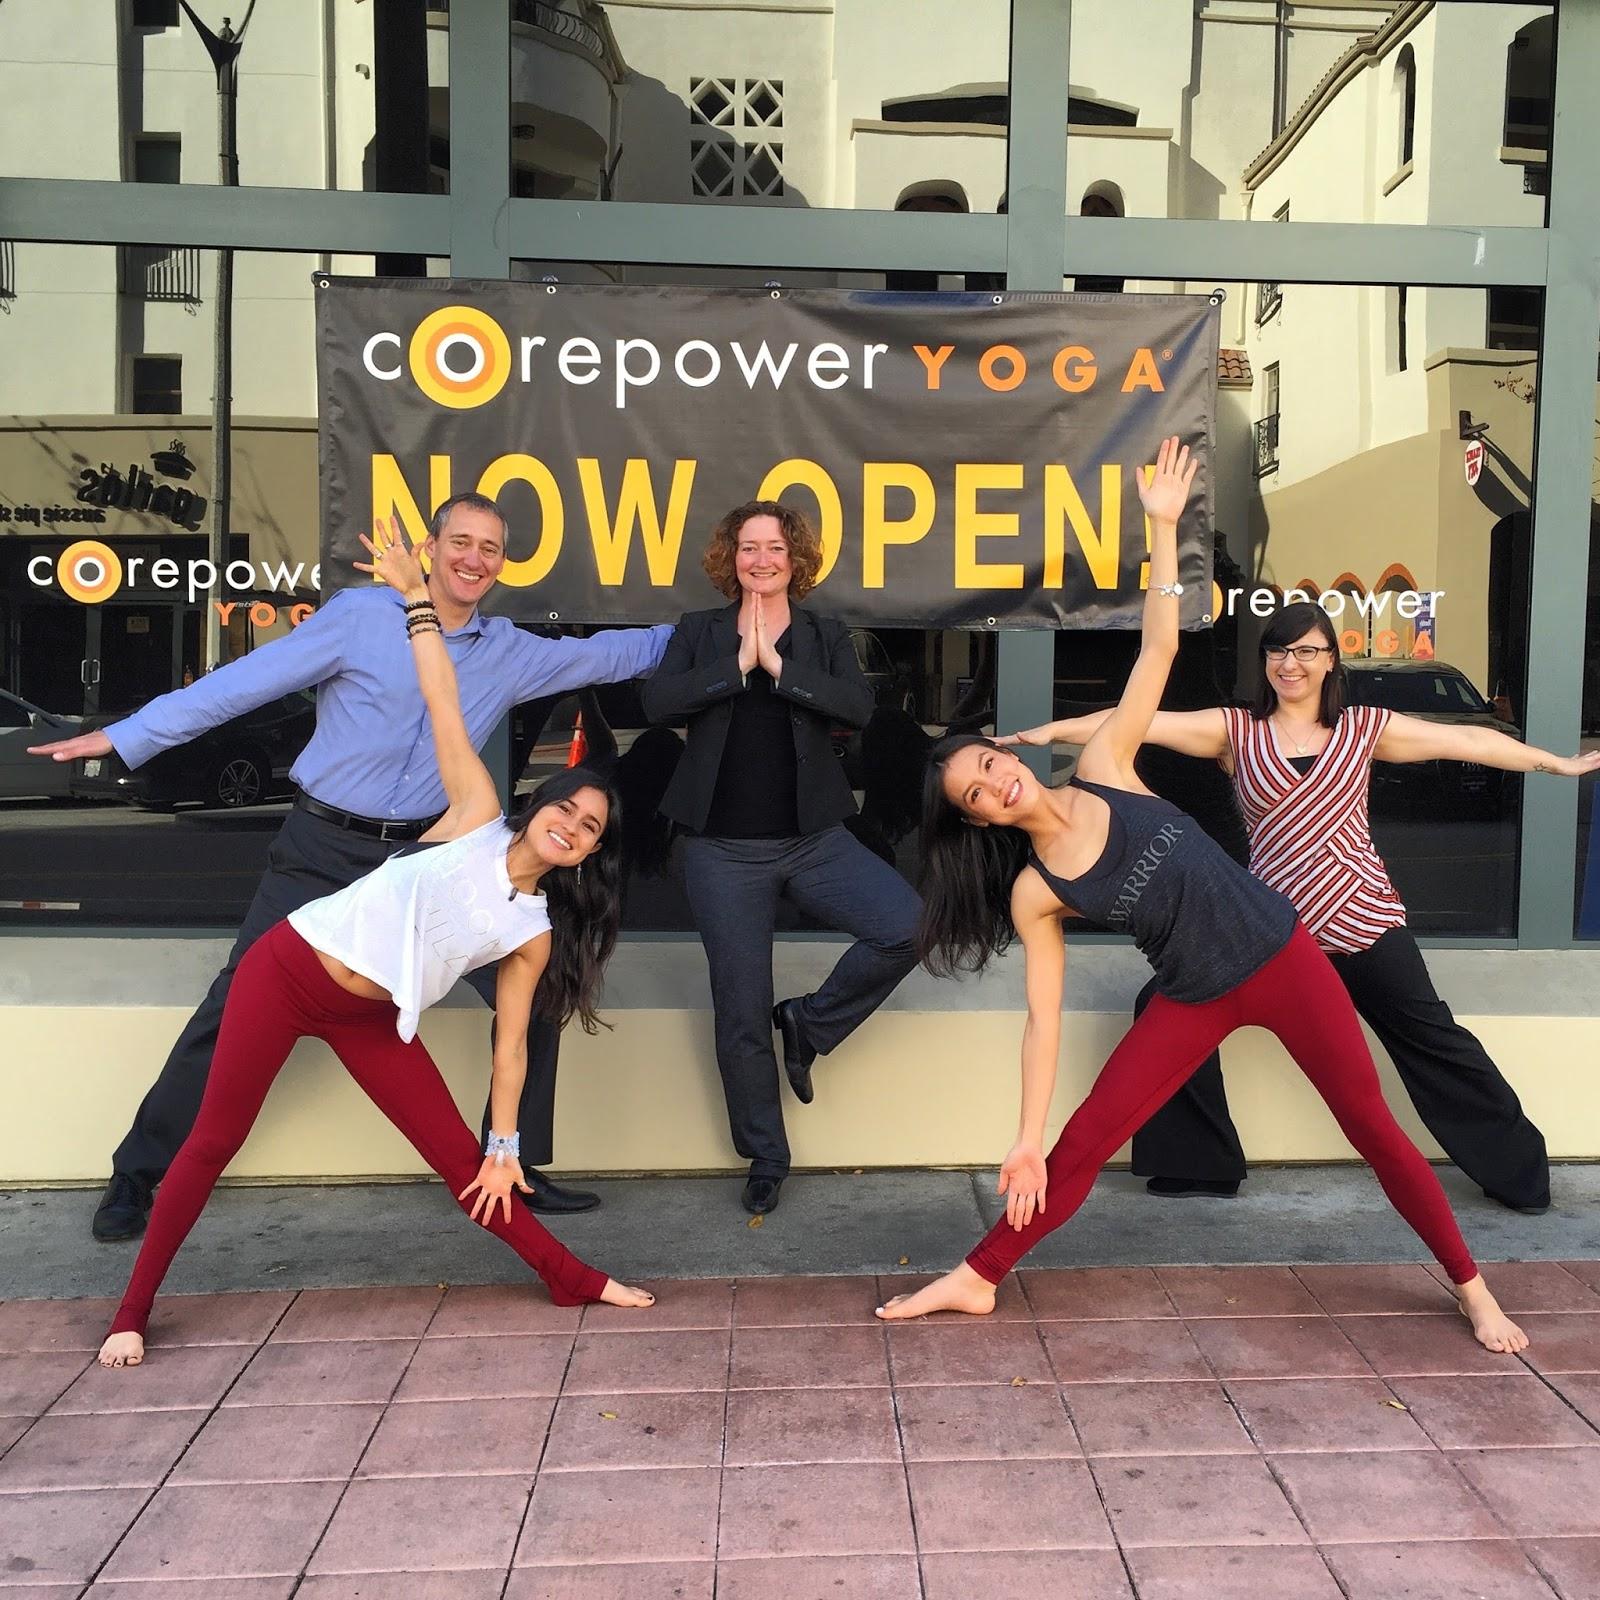 Westwood Village Blog: Now Open! CorePower Yoga Westwood!